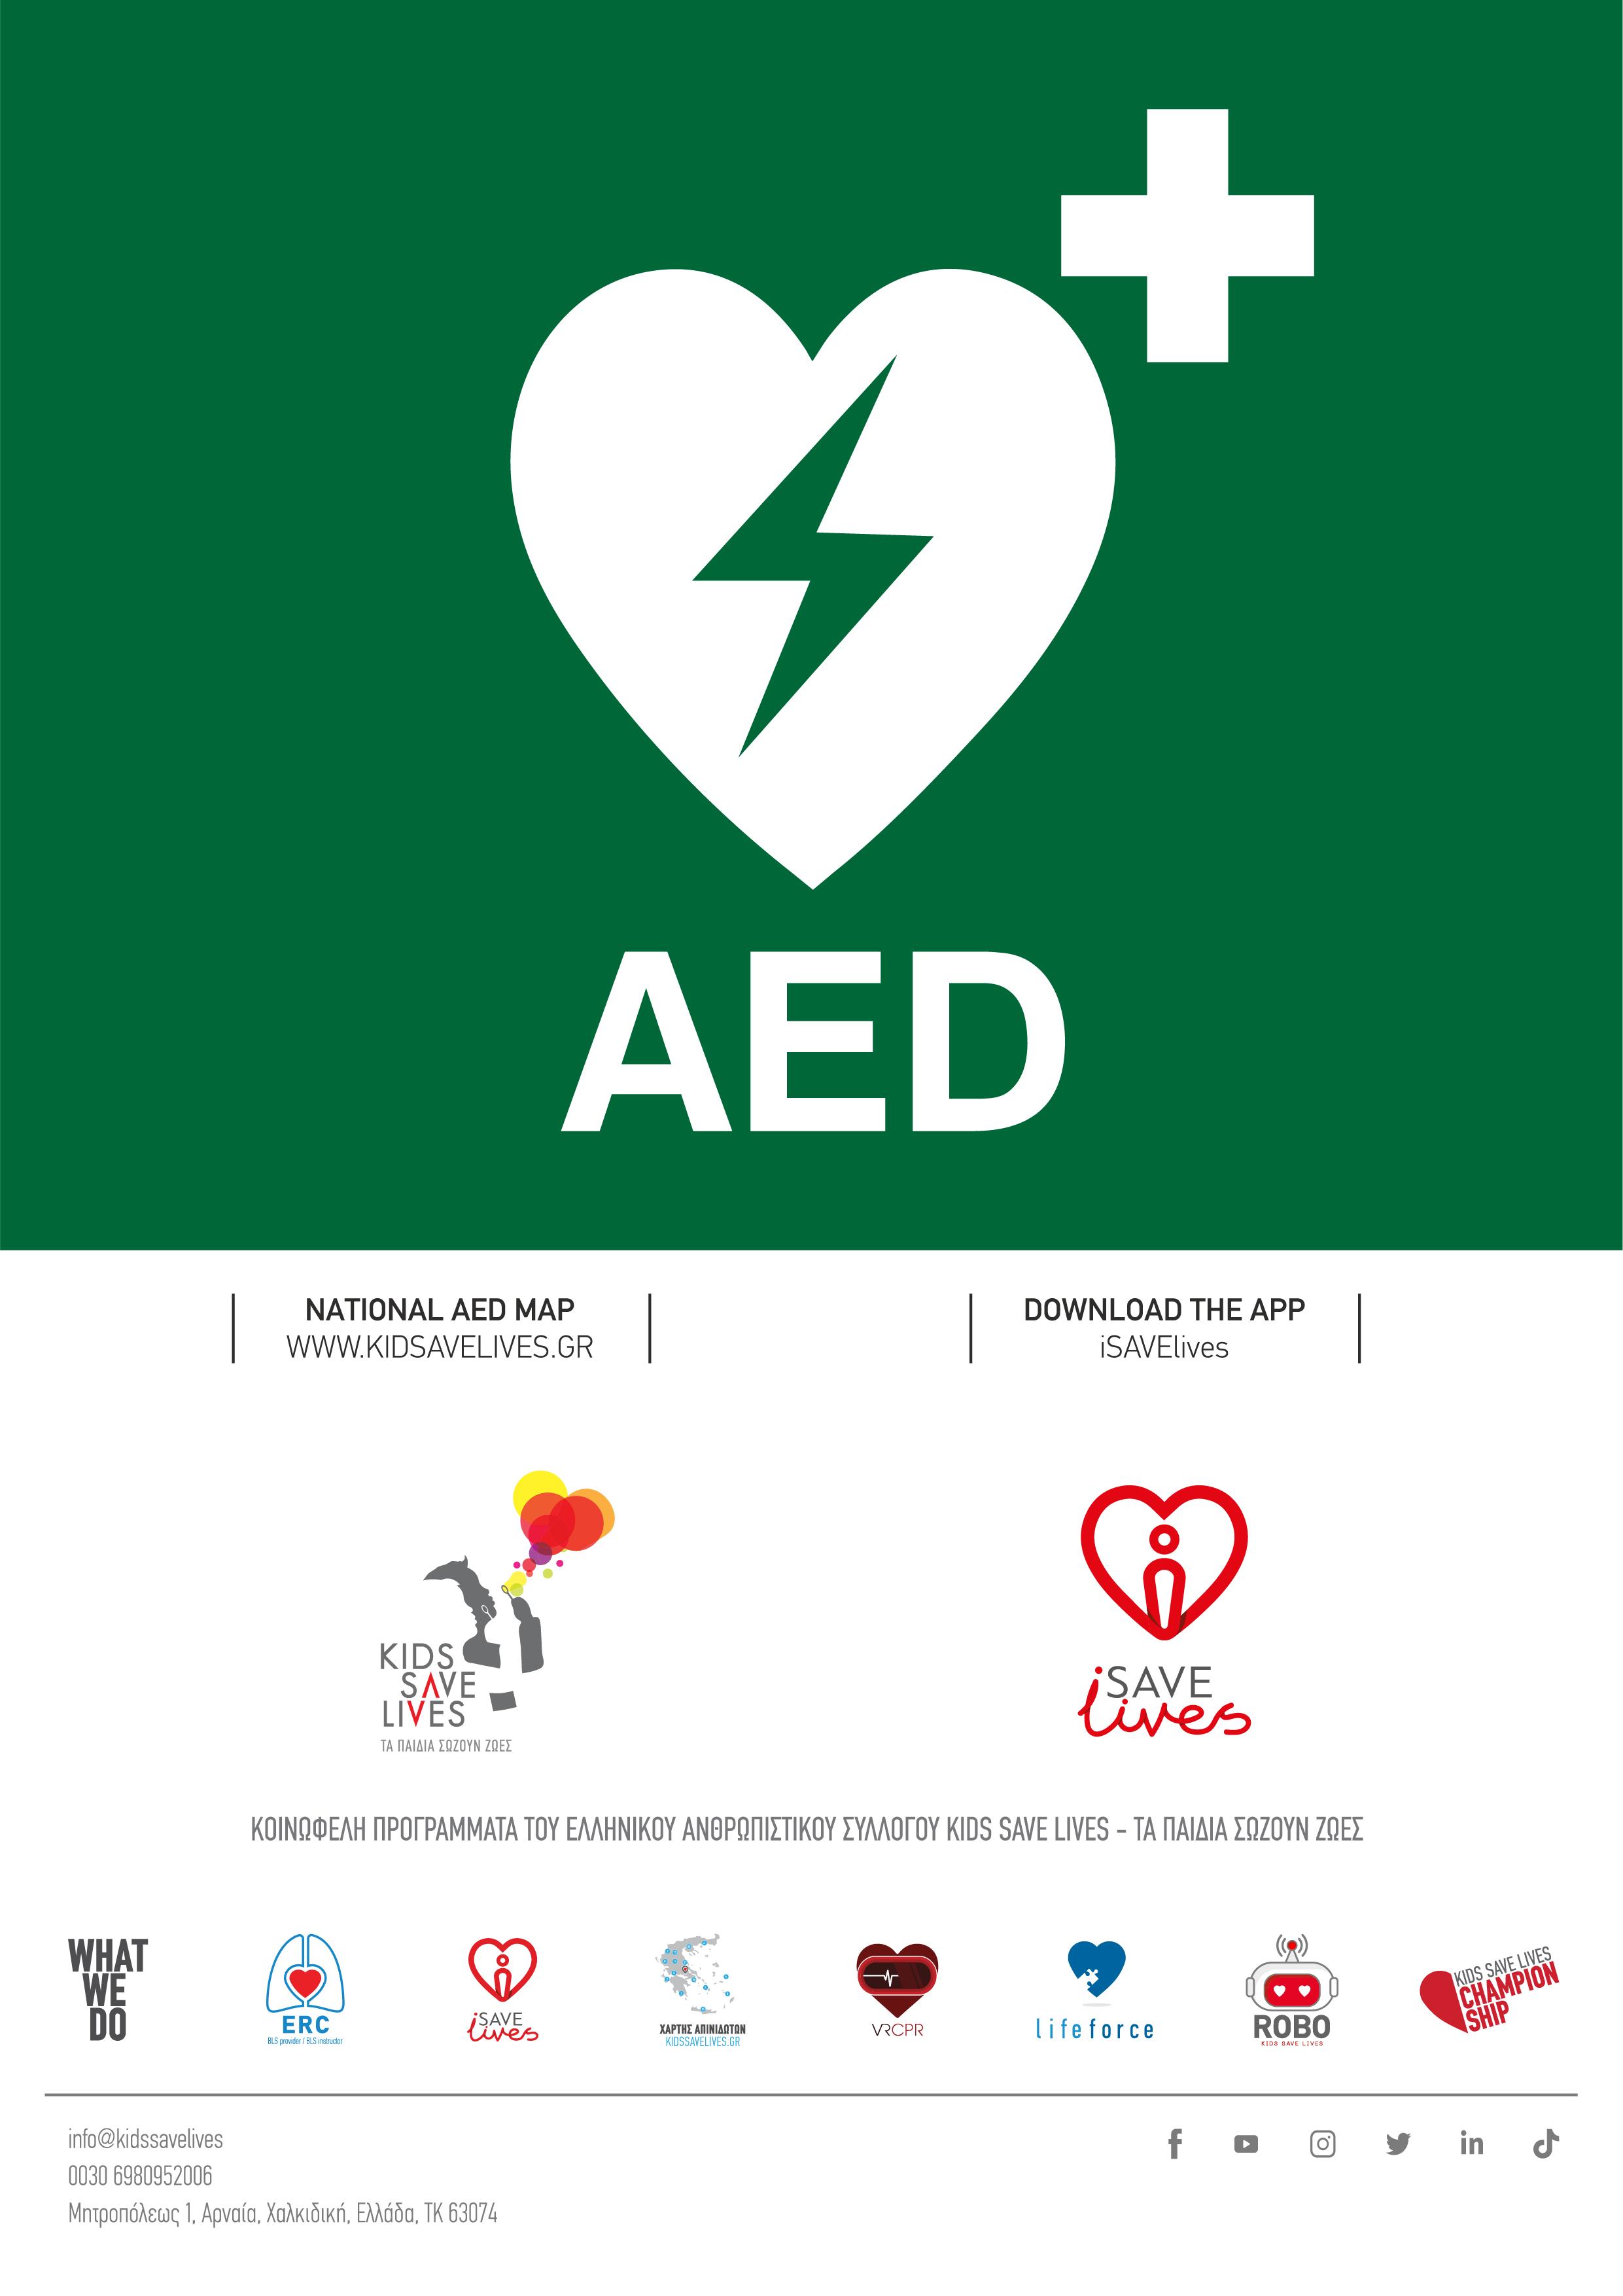 Σήμα AED image